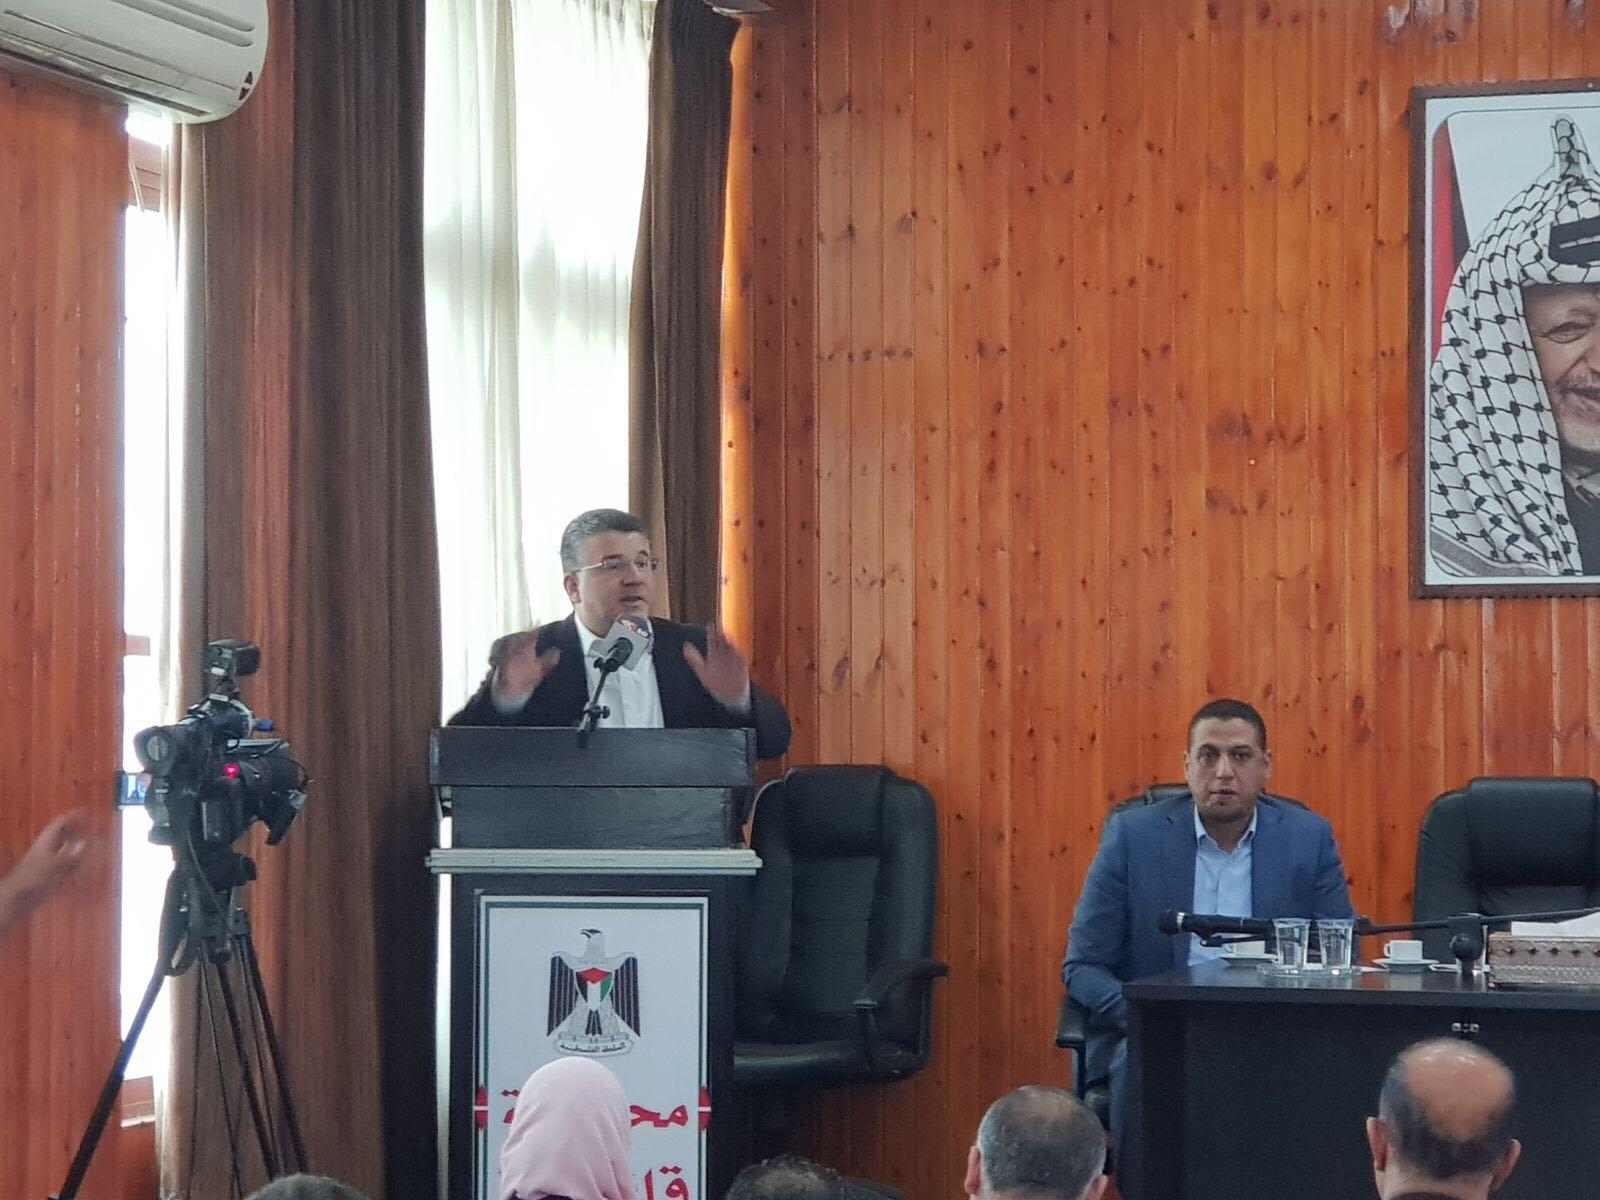 النائب جبارين في قلقيلية: وحدة الشعب الفلسطيني هي الاساس للنهوض بالقضية الفلسطينية